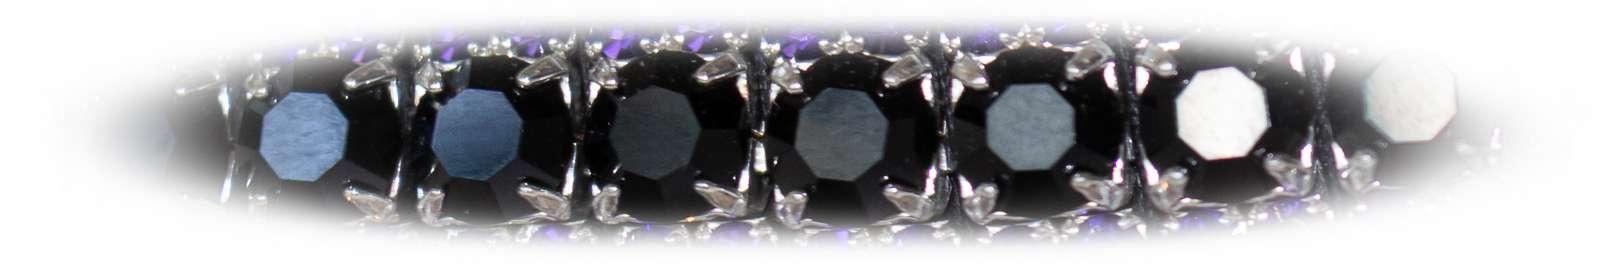 Jet Black crystal bling browband